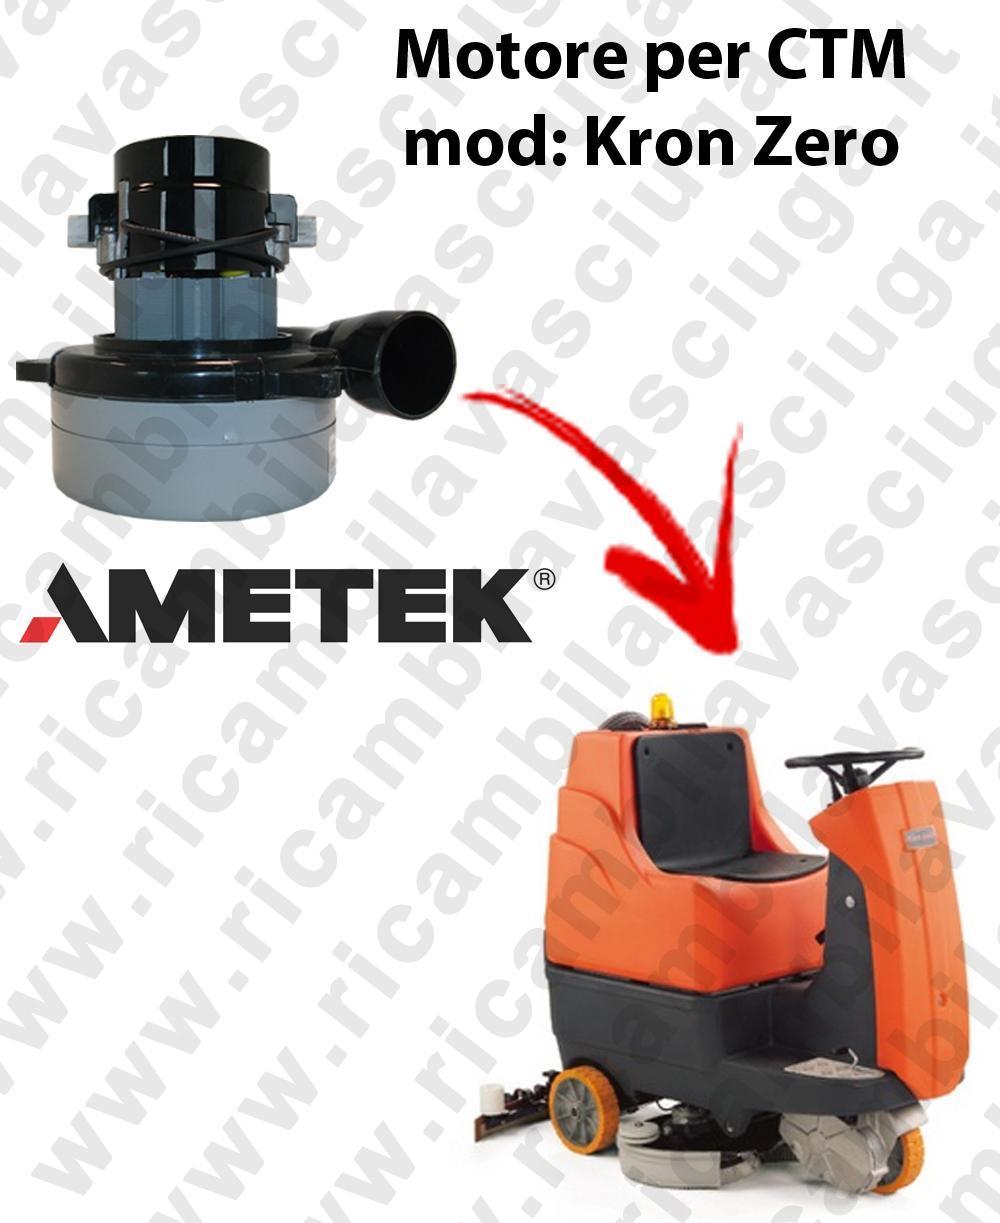 KRON ZERO Saugmotor LAMB AMETEK für scheuersaugmaschinen CTM